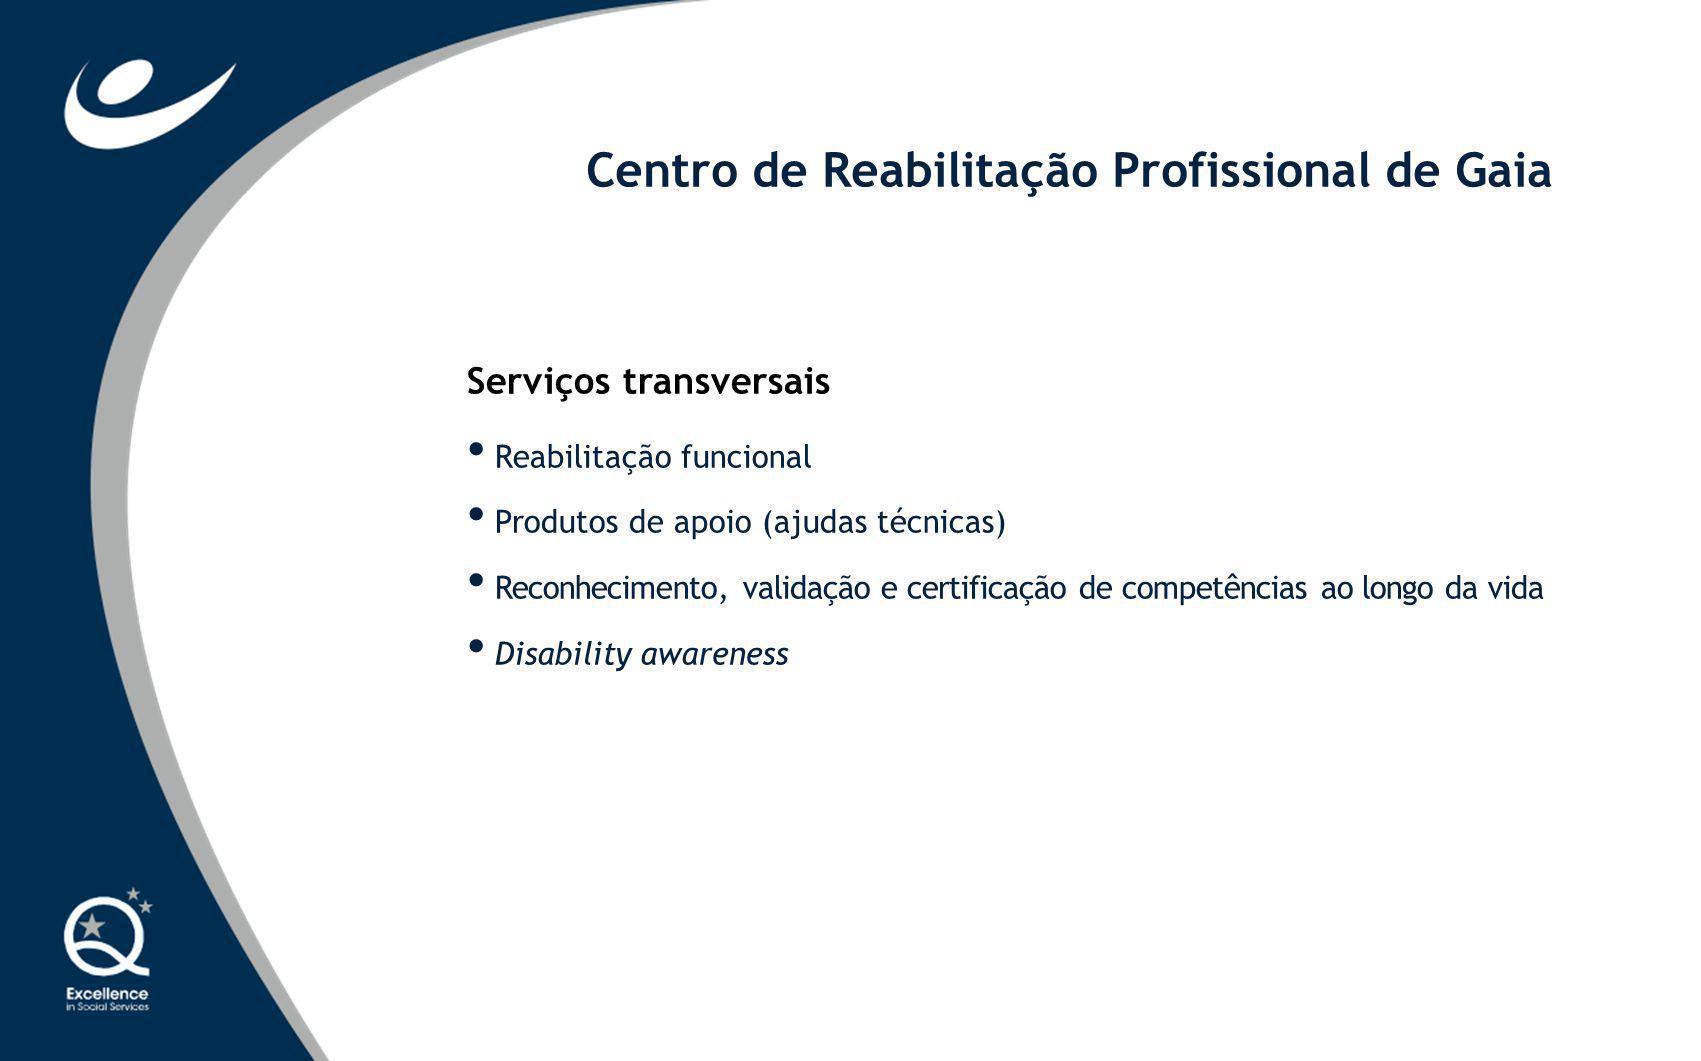 Centro de Reabilitação Profissional de Gaia Serviços transversais Reabilitação funcional Produtos de apoio (ajudas técnicas) Reconhecimento, validação